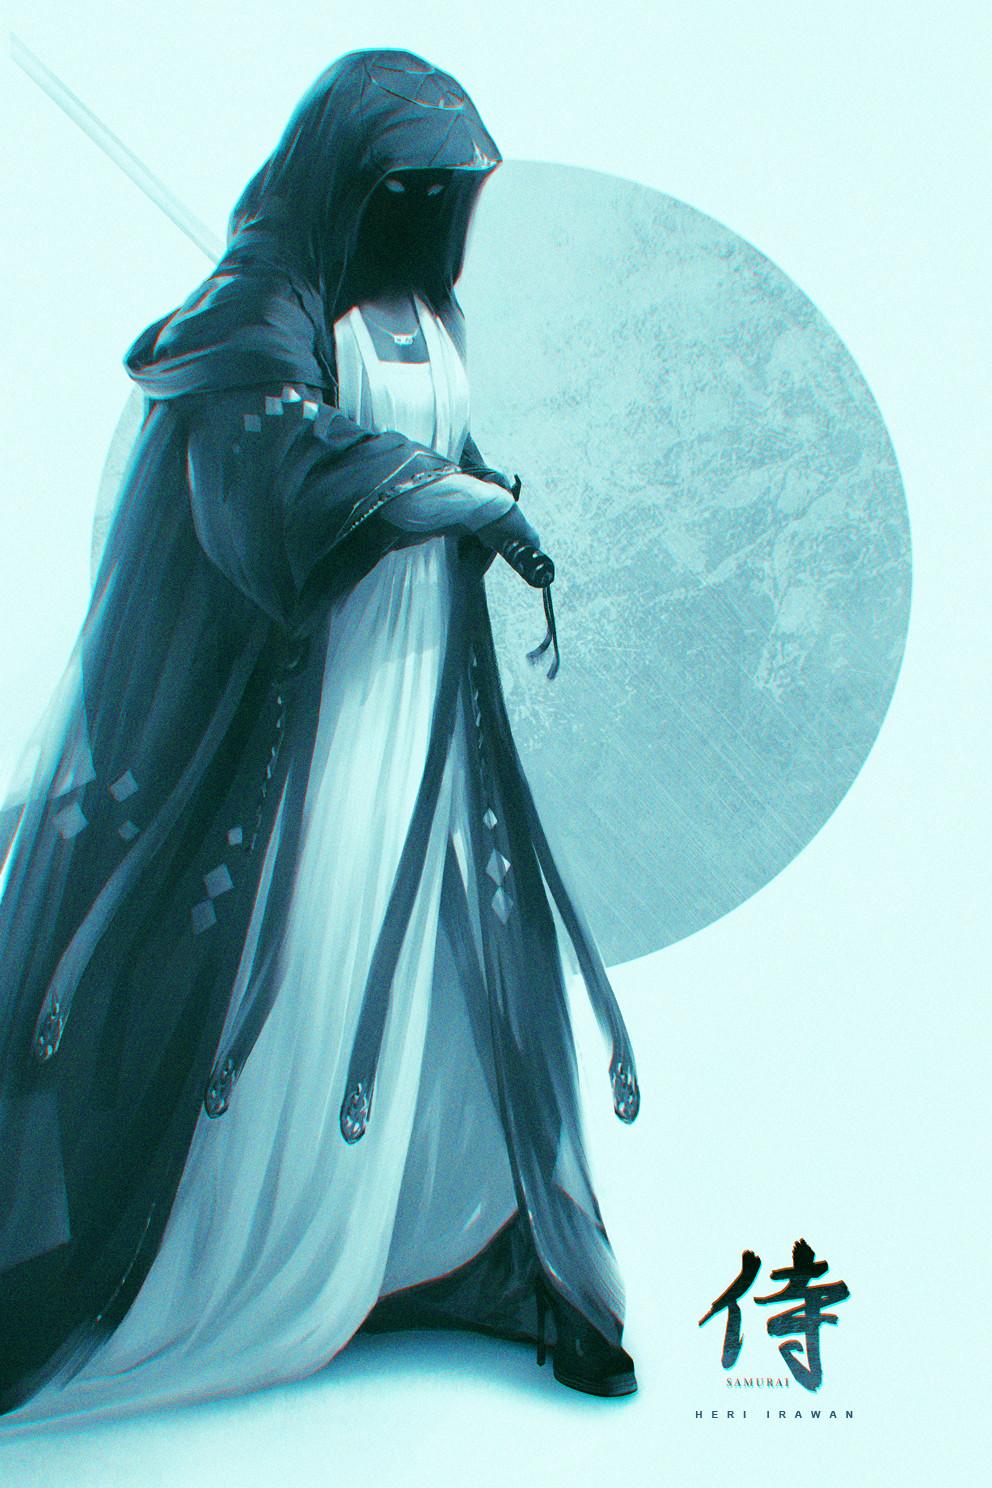 Heri irawan irawan samurai 02